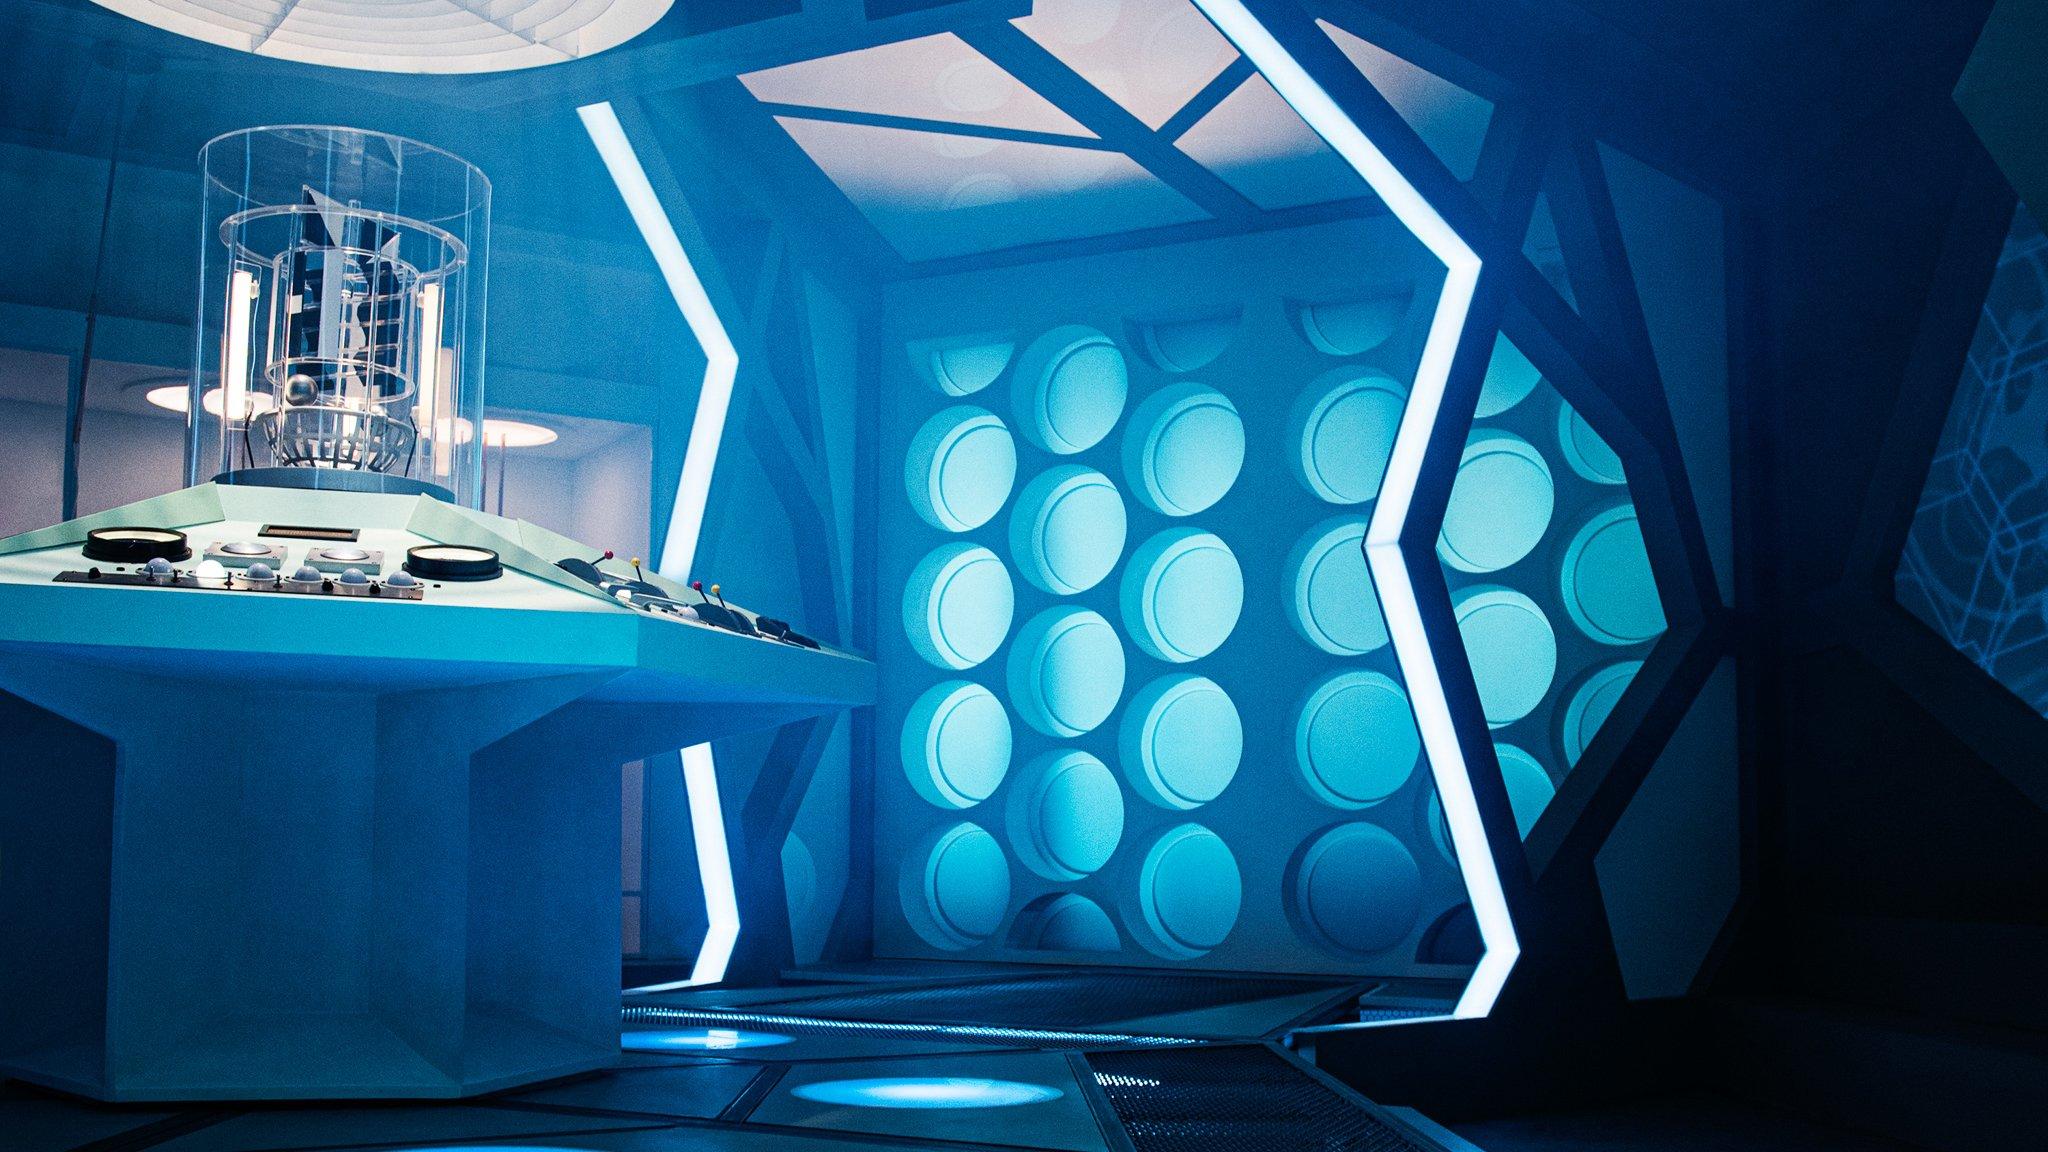 2019_Doctor_Who_tardis